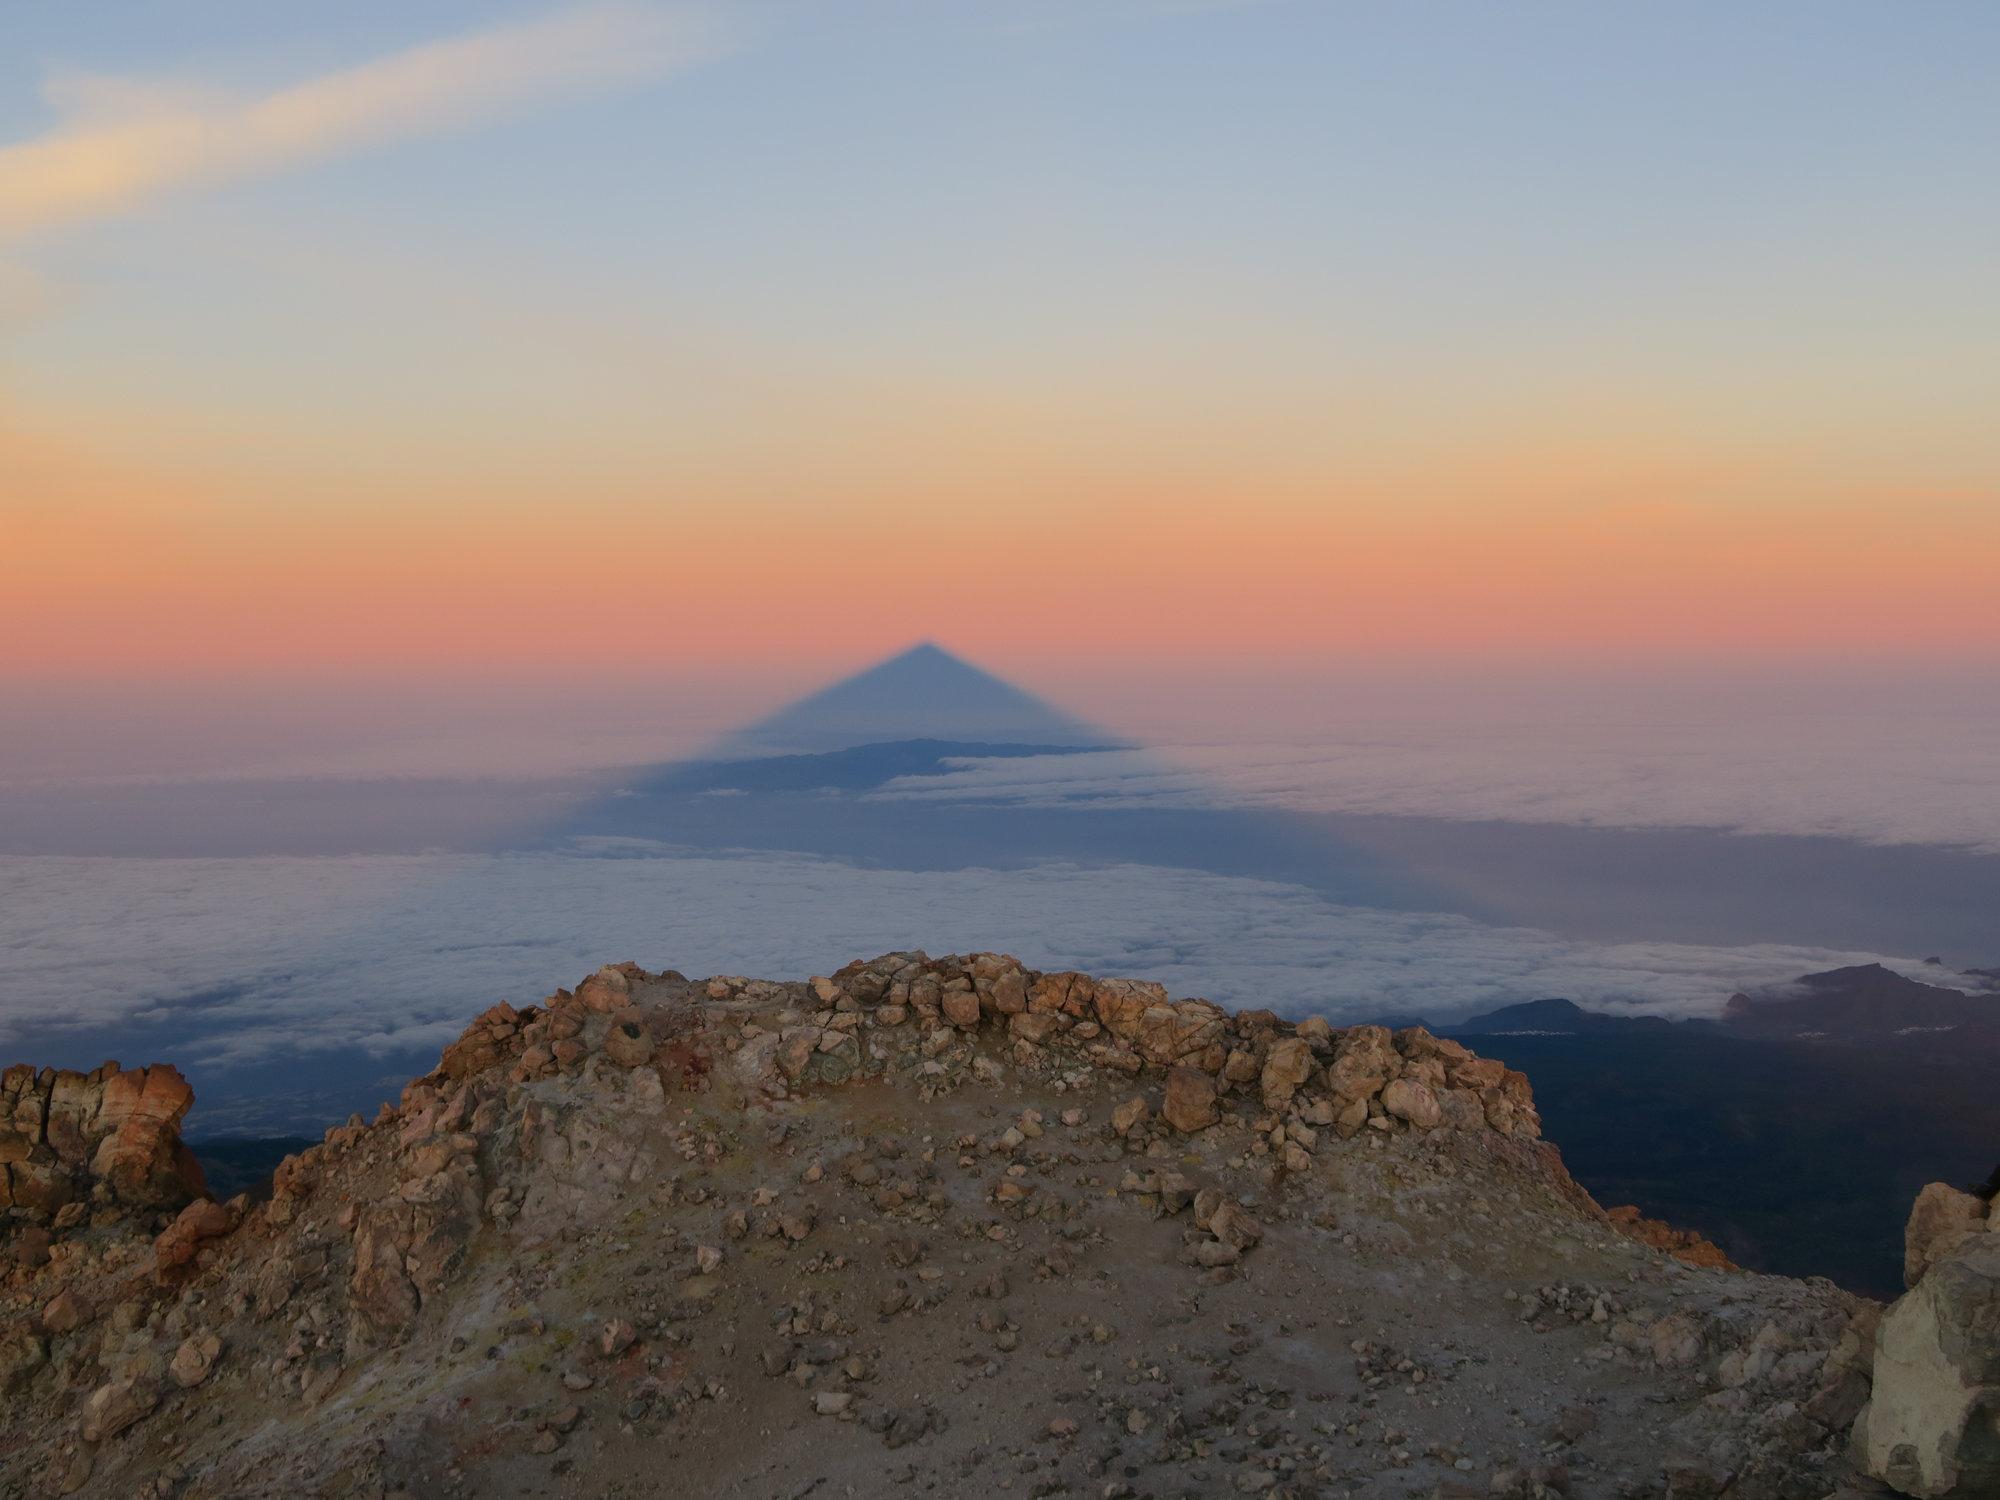 Der beeindruckende Teide-Schattenwurf vom Sonnenaufgang auf dem Pico del Teide